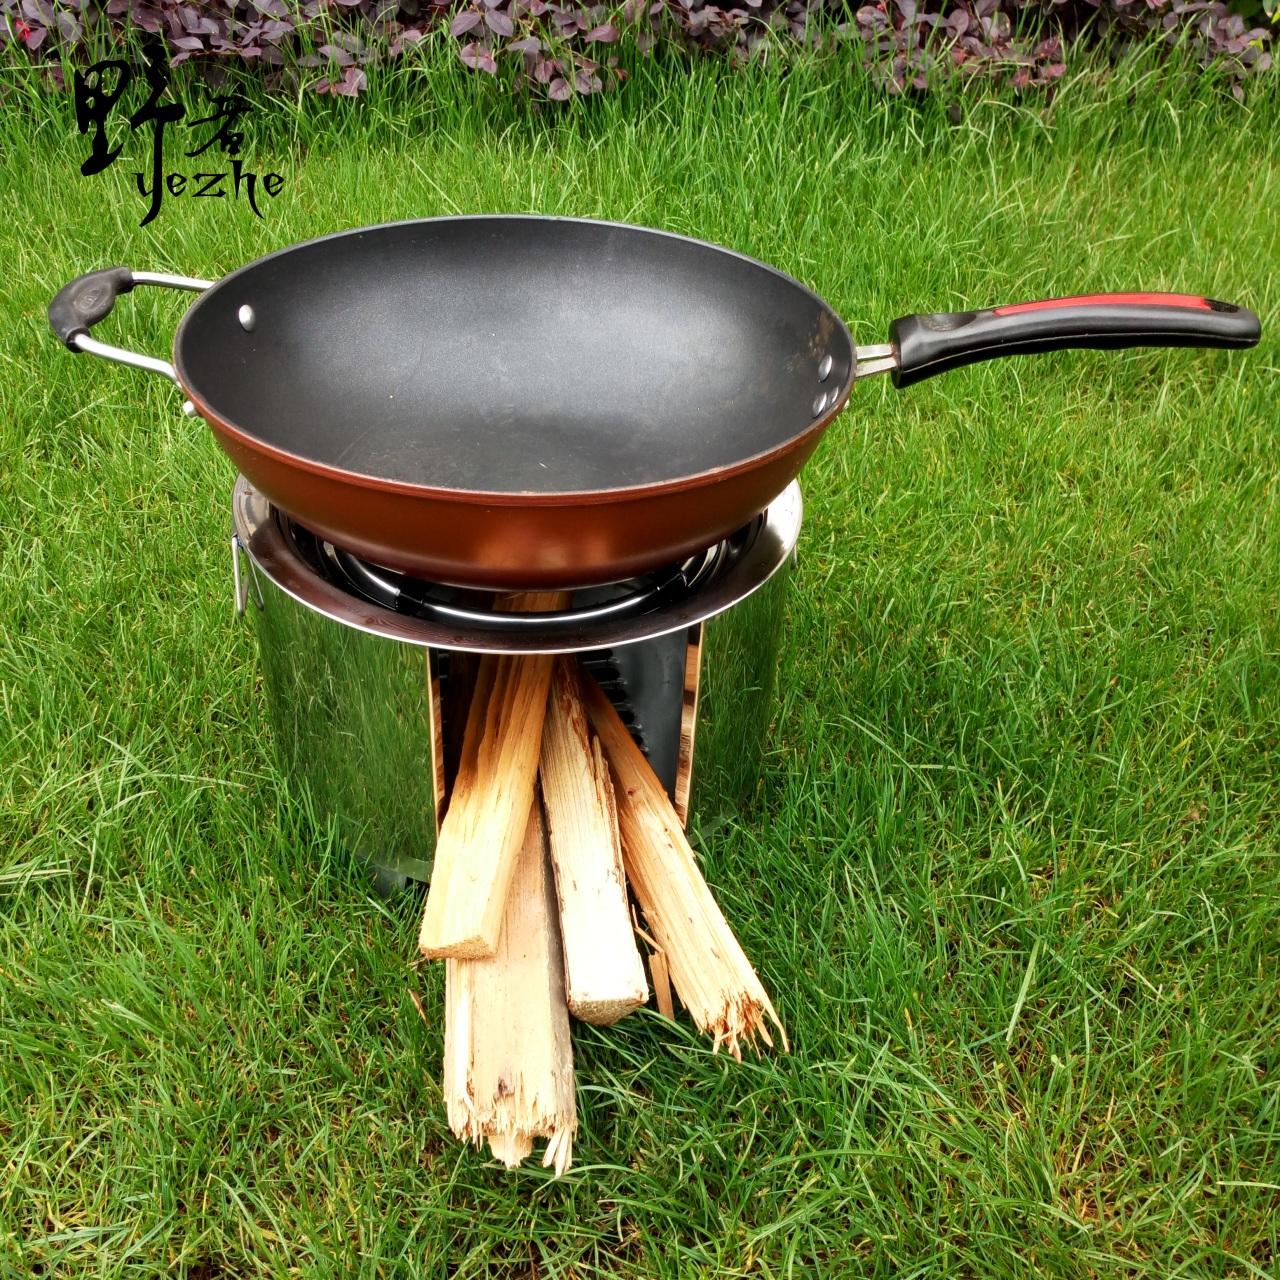 открытый дрова в печи плита, печь печь барбекю поход сжигания бытовых дрова рубить дрова переносные печи